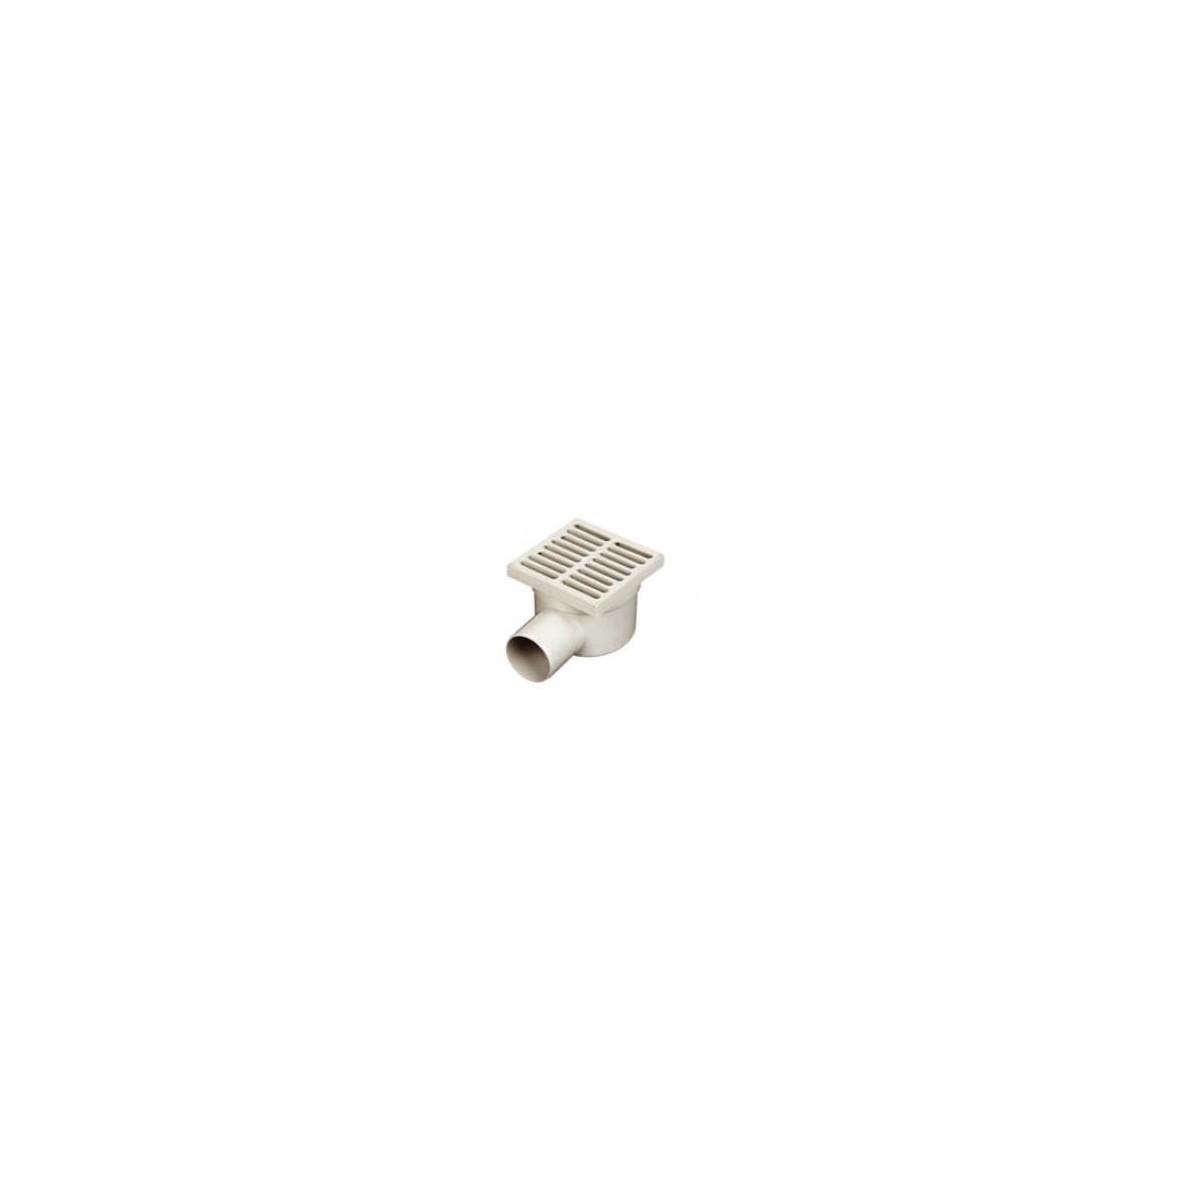 Wpust podłogowy 100x100, Φ50 poziomy